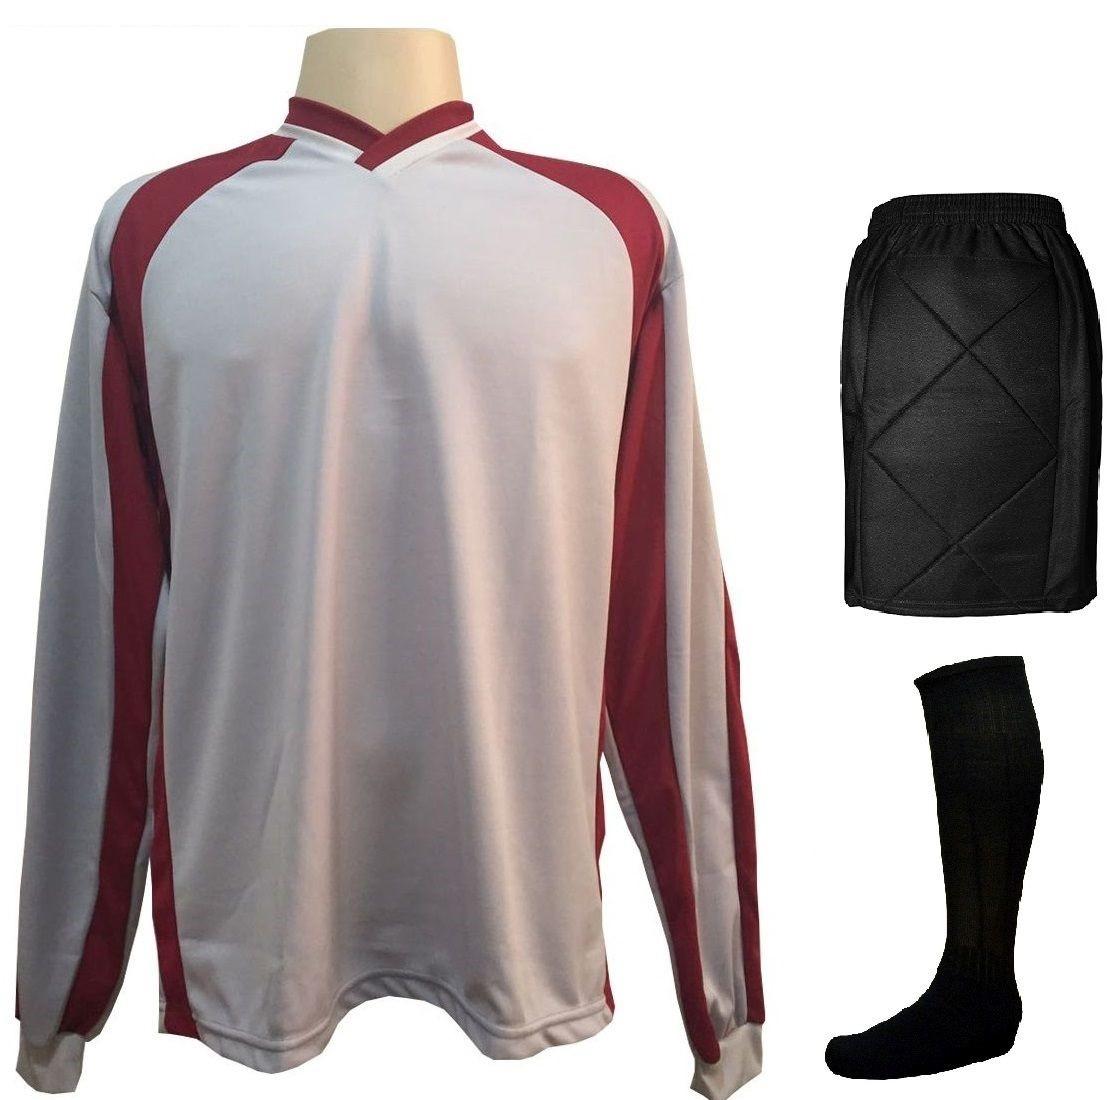 Fardamento Completo modelo Columbus 18+2 (18 Camisas Royal/Branco + 18 Calções Madrid Royal + 18 Pares de Meiões Royal + 2 Conjuntos de Goleiro) + Brindes